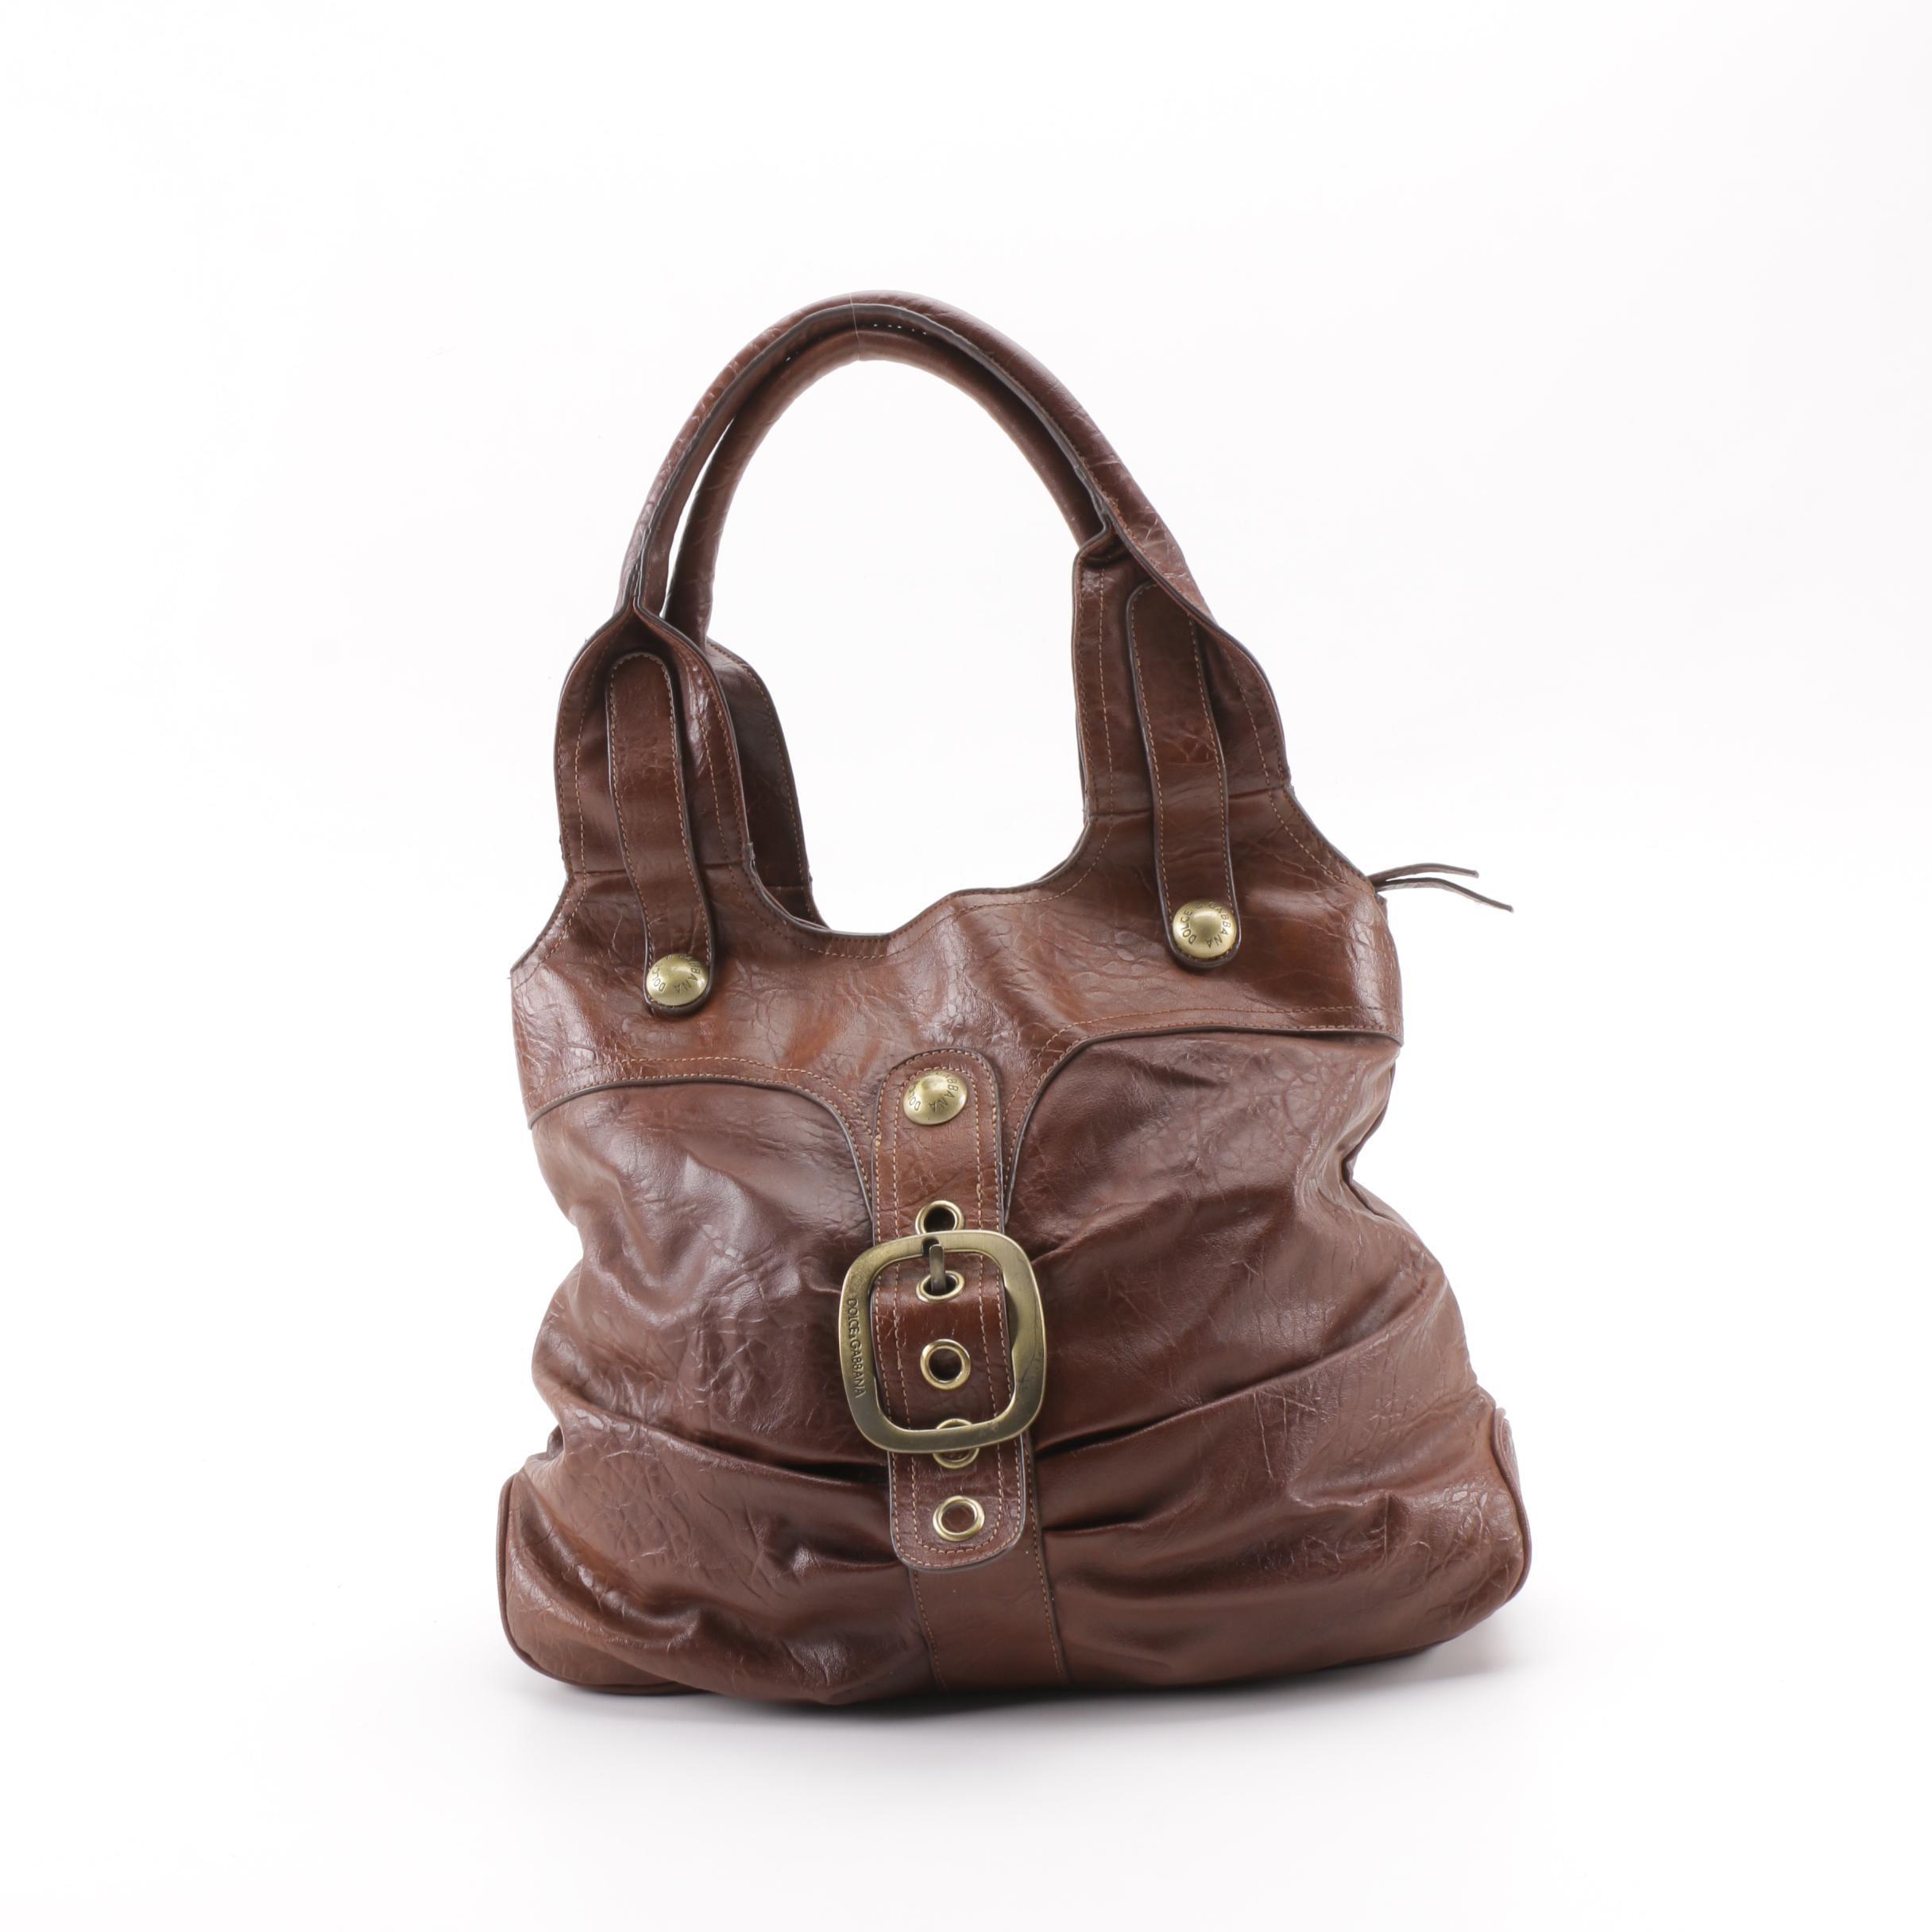 Dolce & Gabbana Brown Leather Buckle Front Shoulder Bag